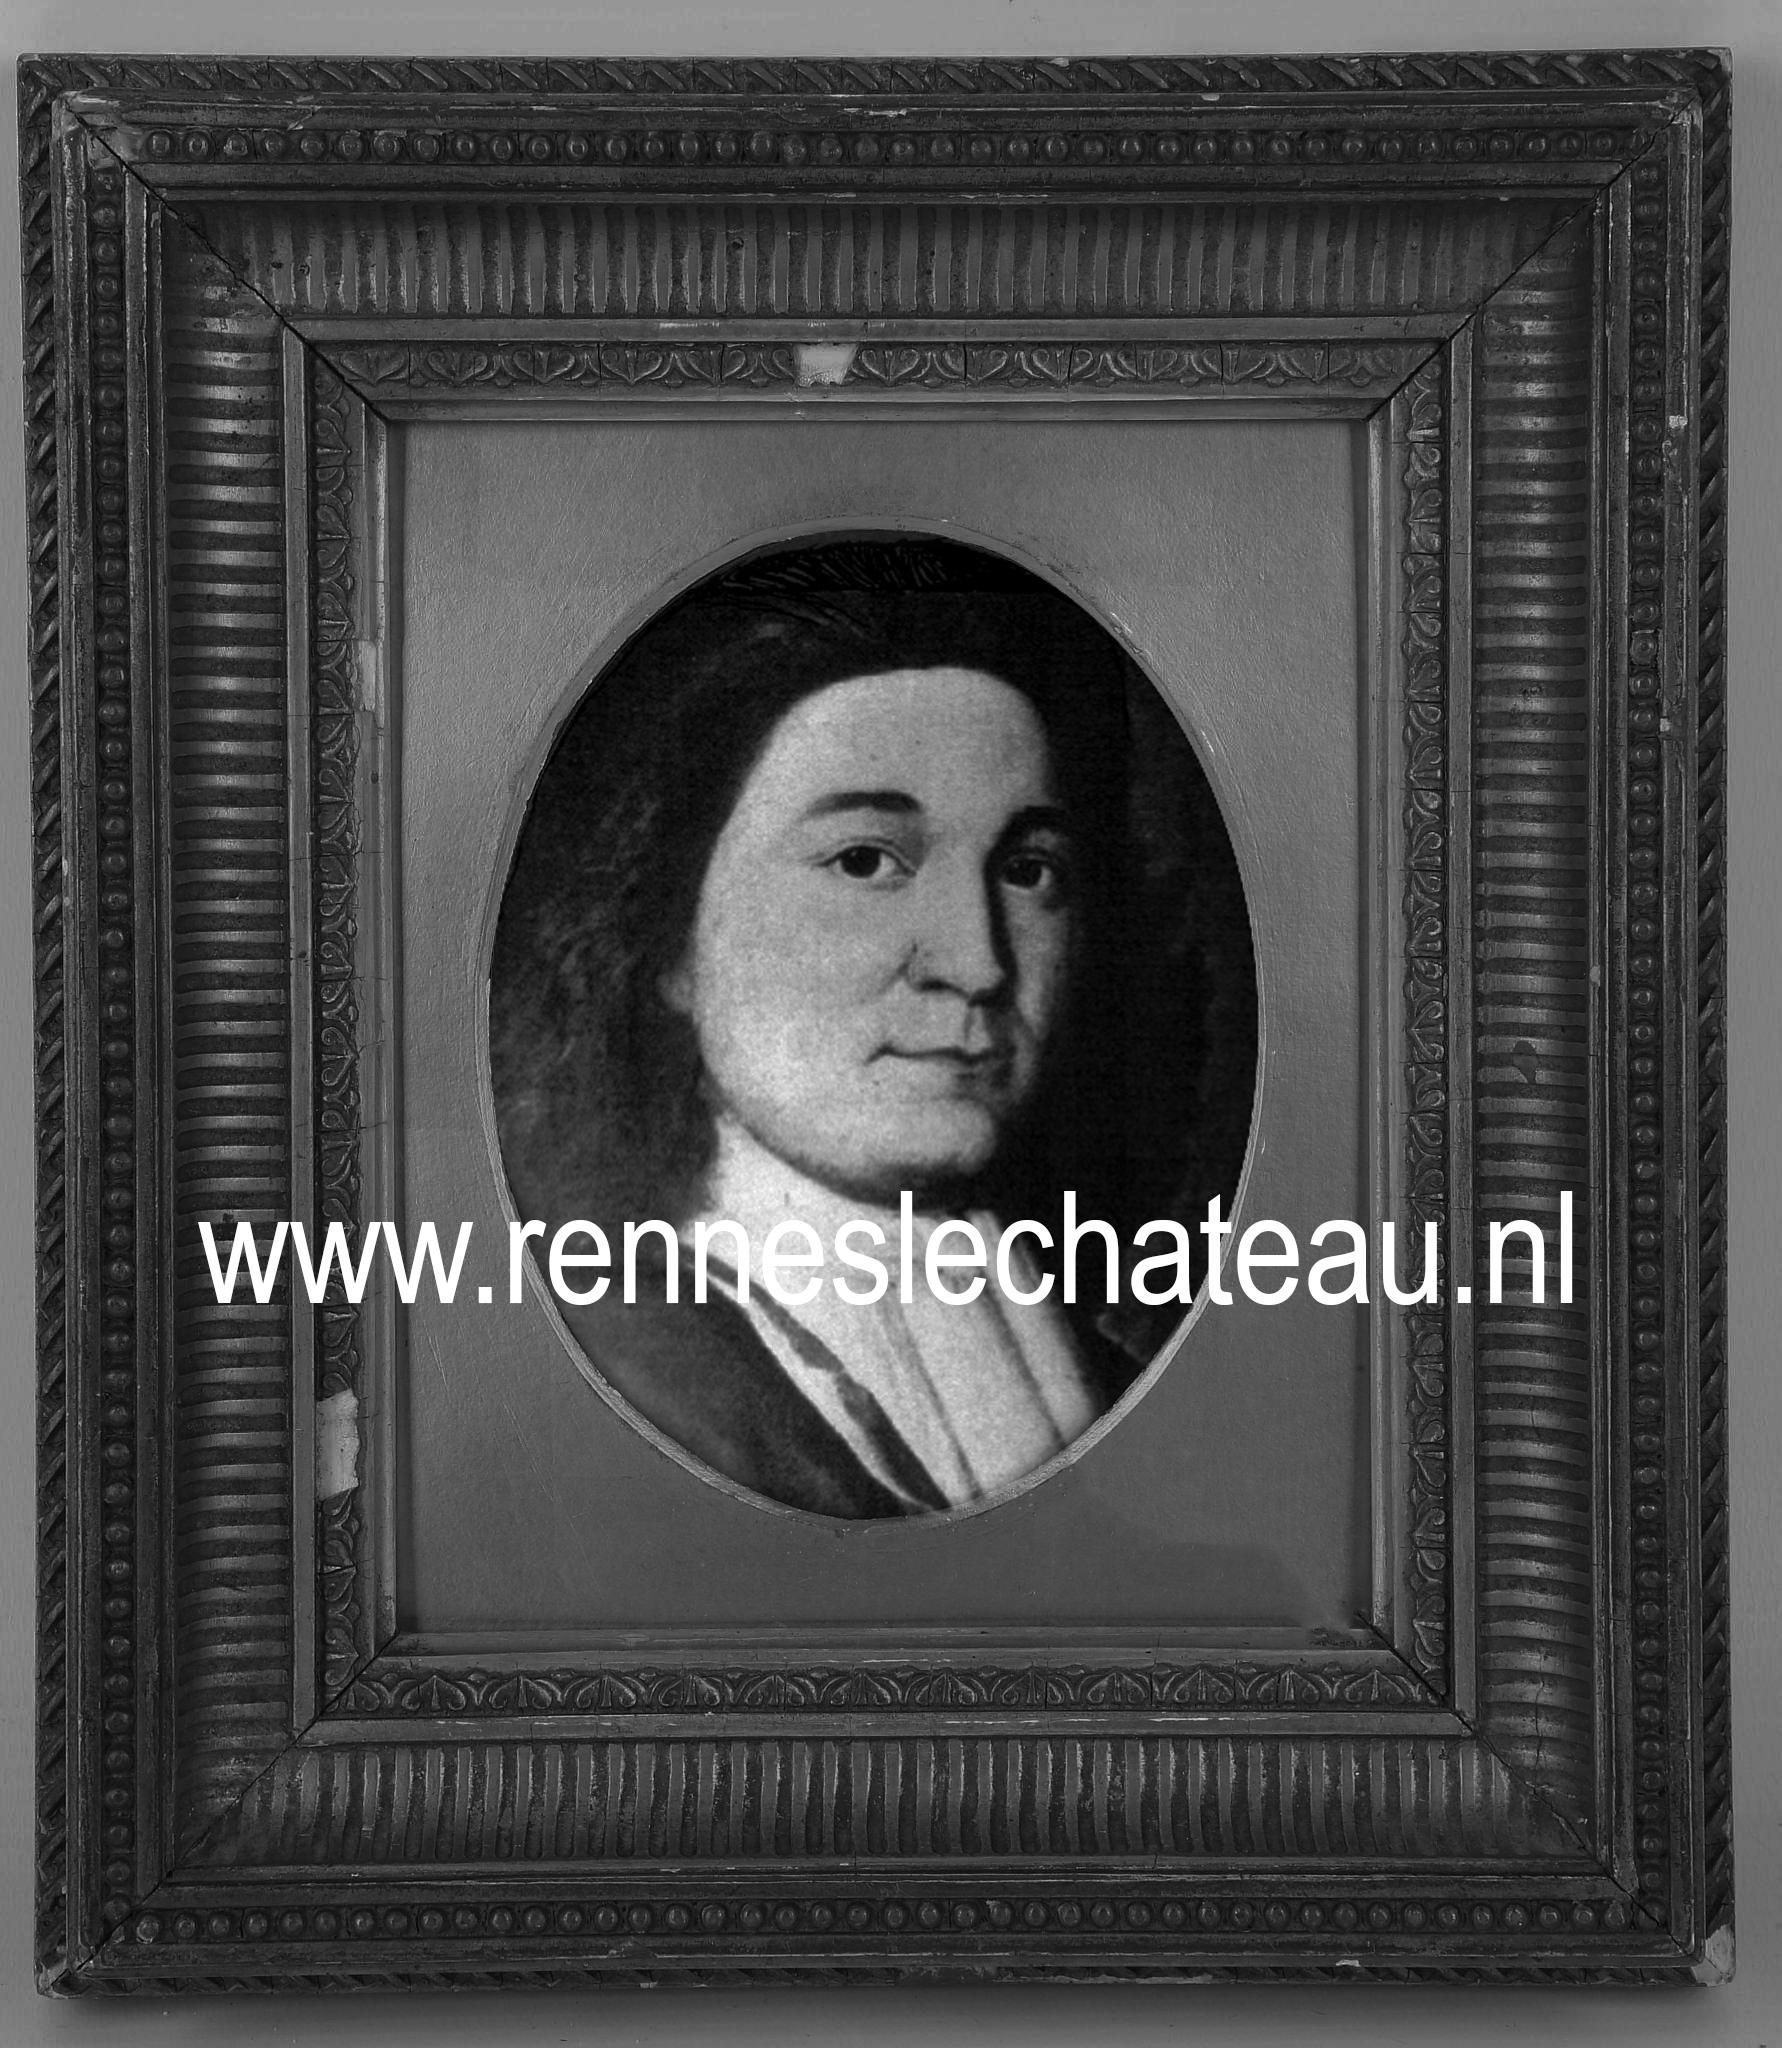 Francois d'Hautpoul et de Rennes, Co-Seigneur d'Ausillon, Marquis de Blanchefort, Capitaine à Royal-Artillerie (1689-1753) - photo copyright Val Whineyard